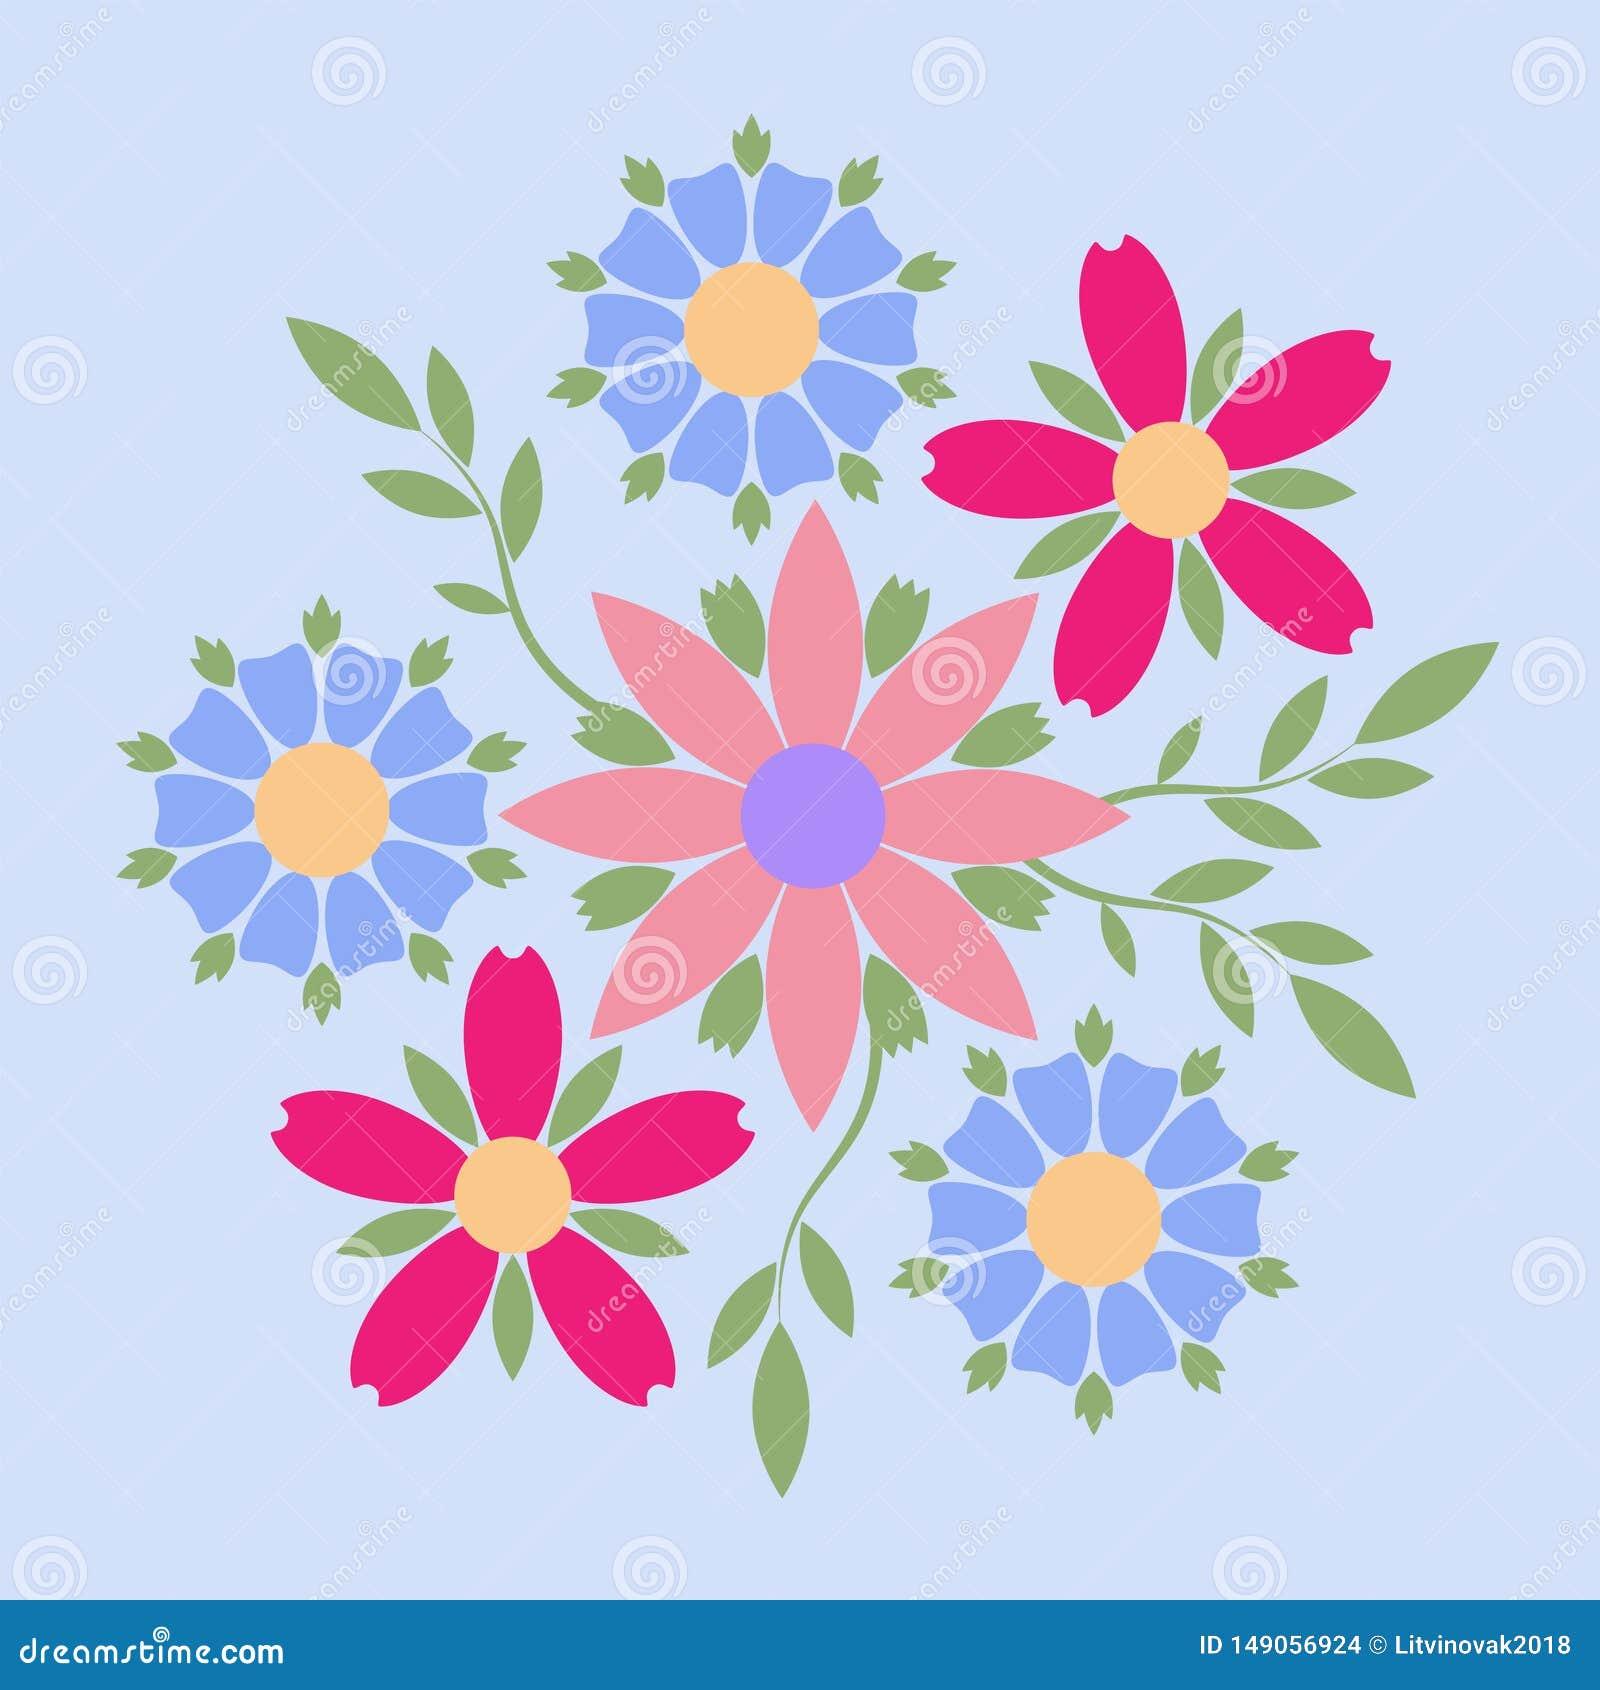 Dekoratives Emblem der freien Zusammensetzung der mehrfarbigen Blumen Gesch?ftsidentit?t f?r f?r Butike, organische Kosmetik oder